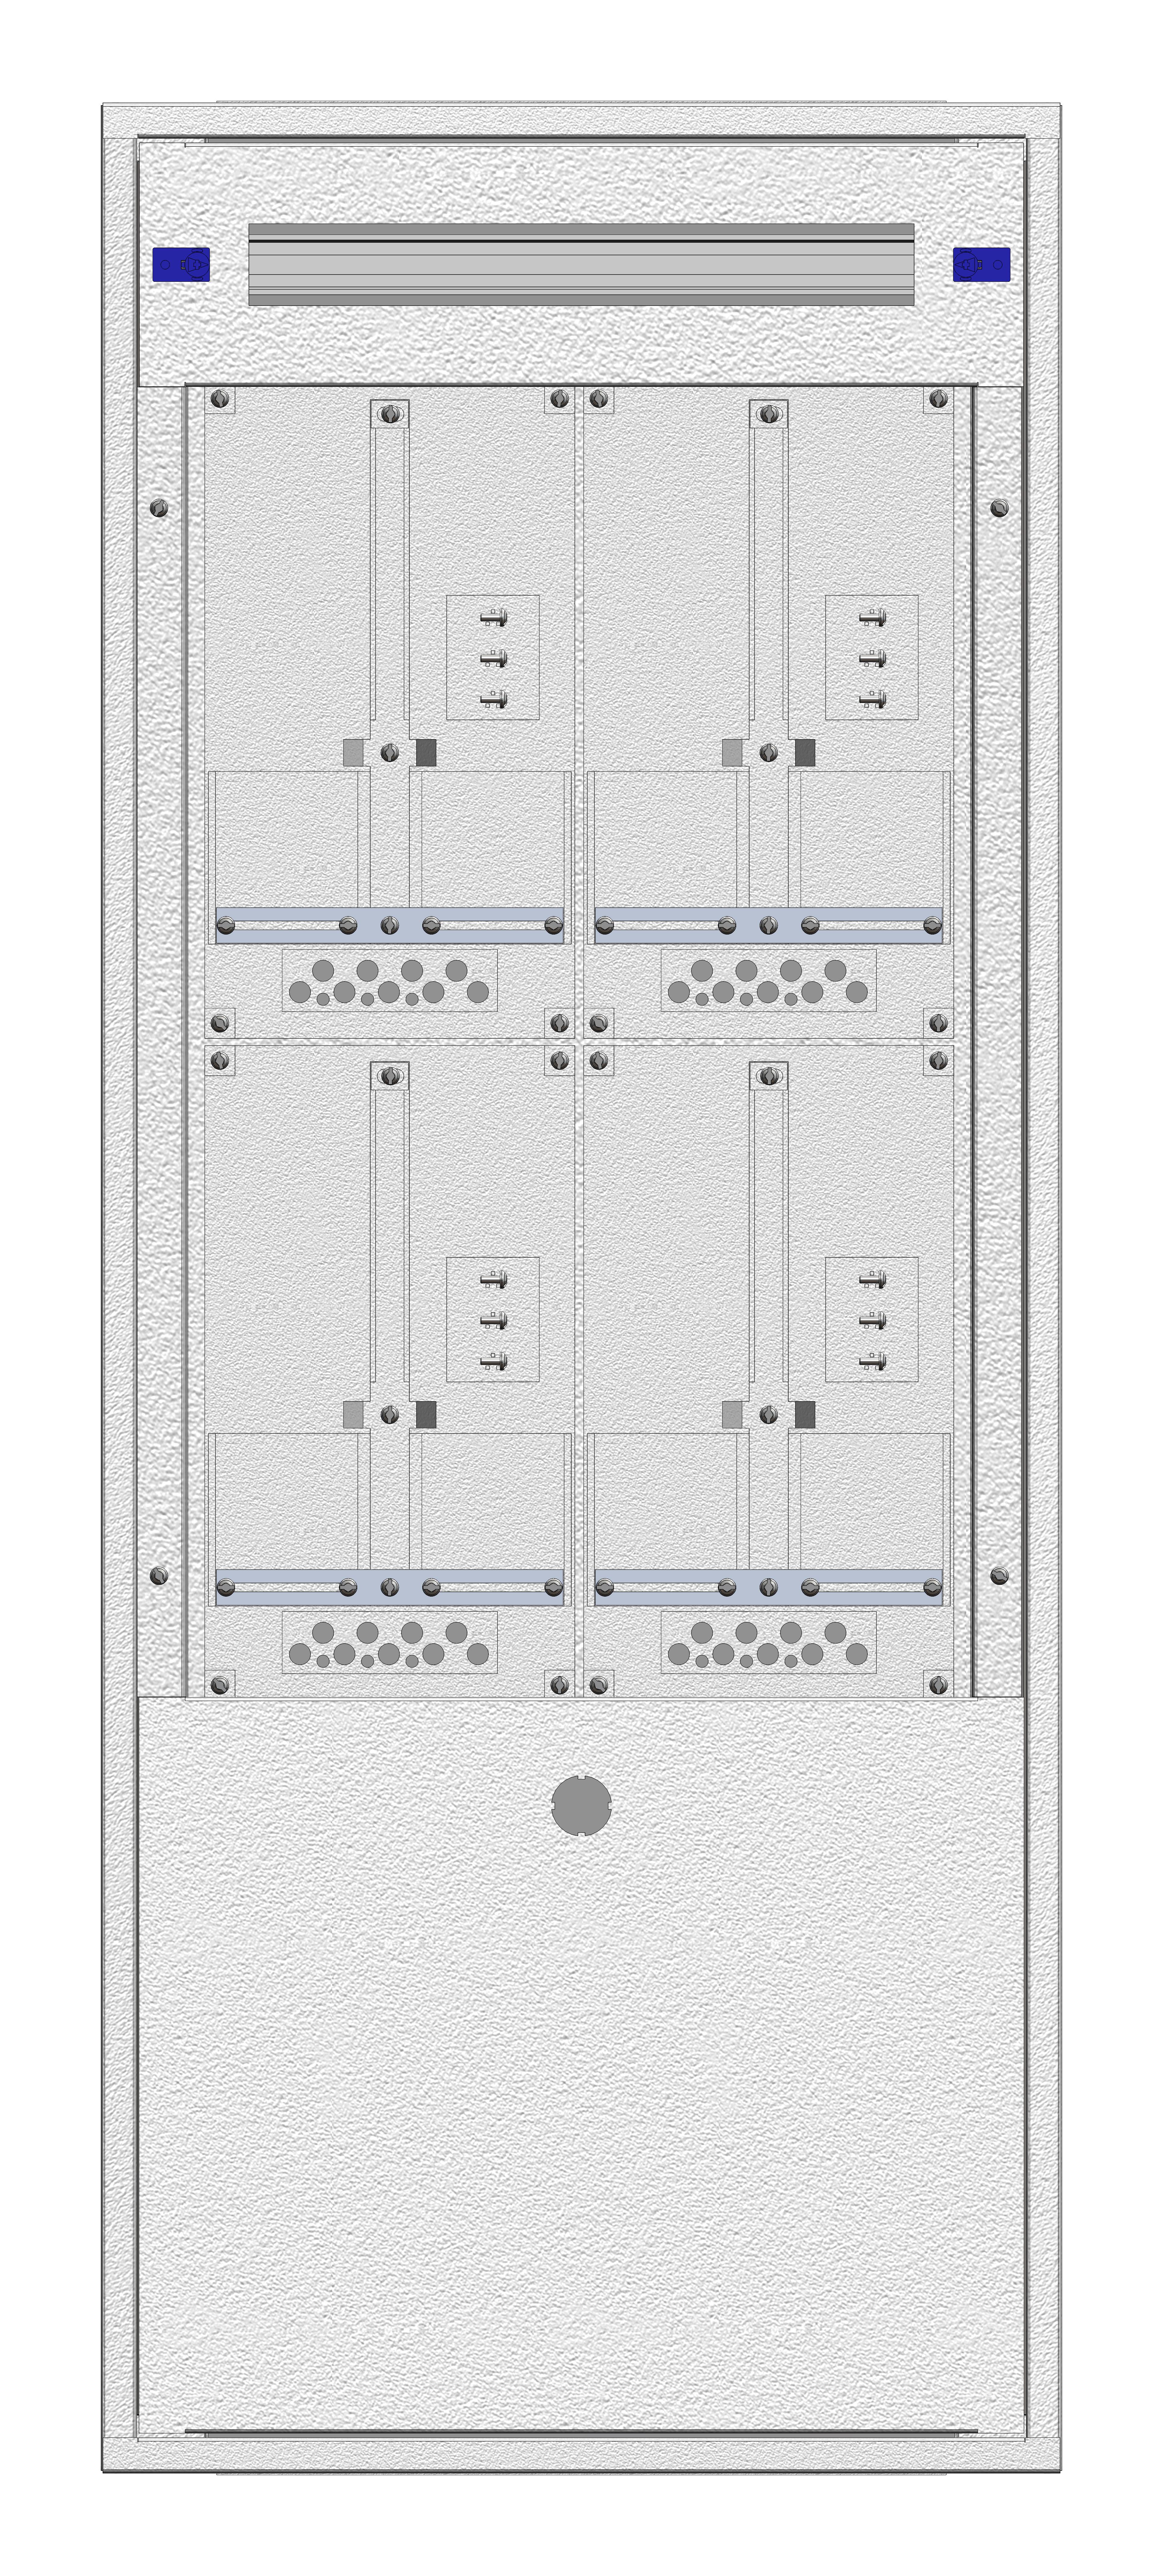 1 Stk Aufputz-Zählerverteiler 2A-28G/NOE 4ZP, H1380B590T250mm IL162228NS